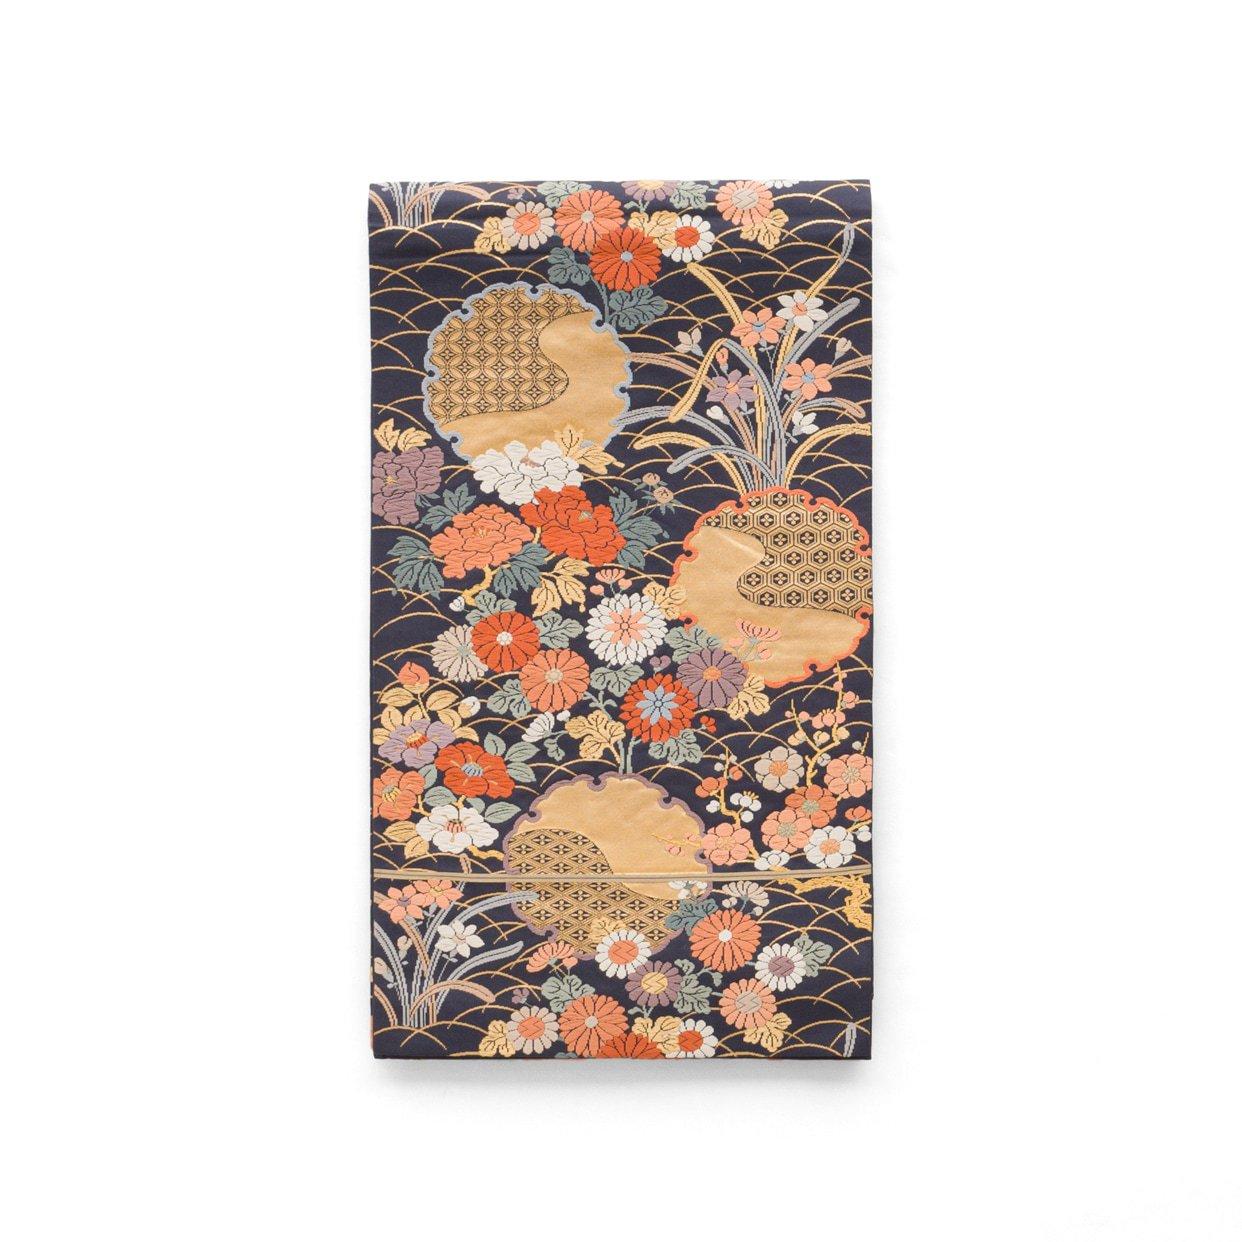 「袋帯●金の雪輪と四季の花」の商品画像